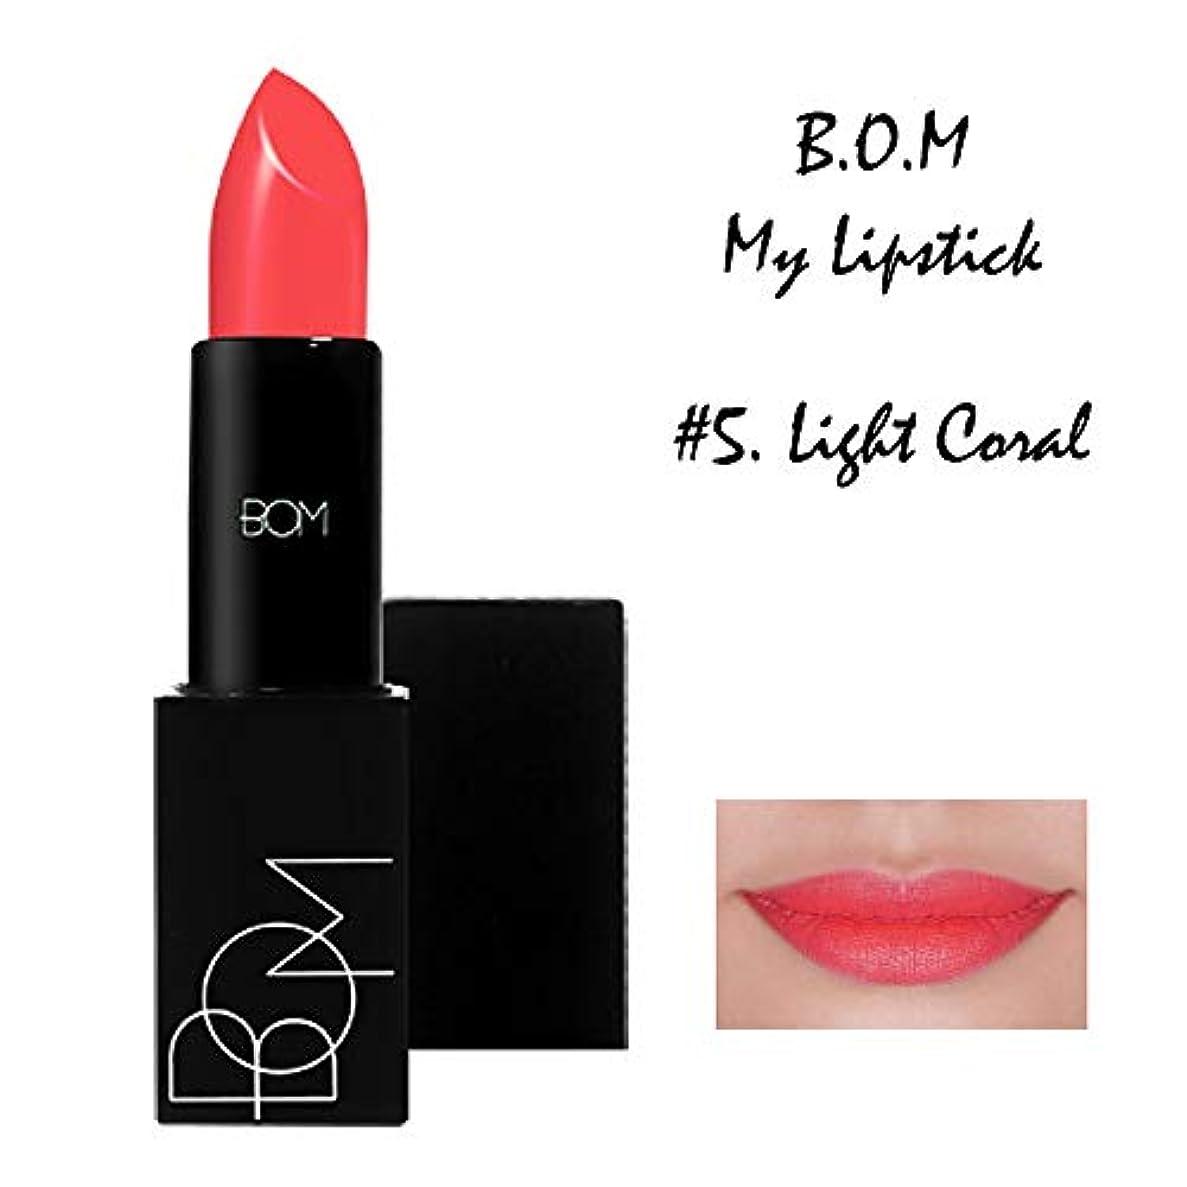 広がりドメインフェザーbom 韓国化粧品6色磁気ケース付きマットリップスティック #805。ライトコーラル